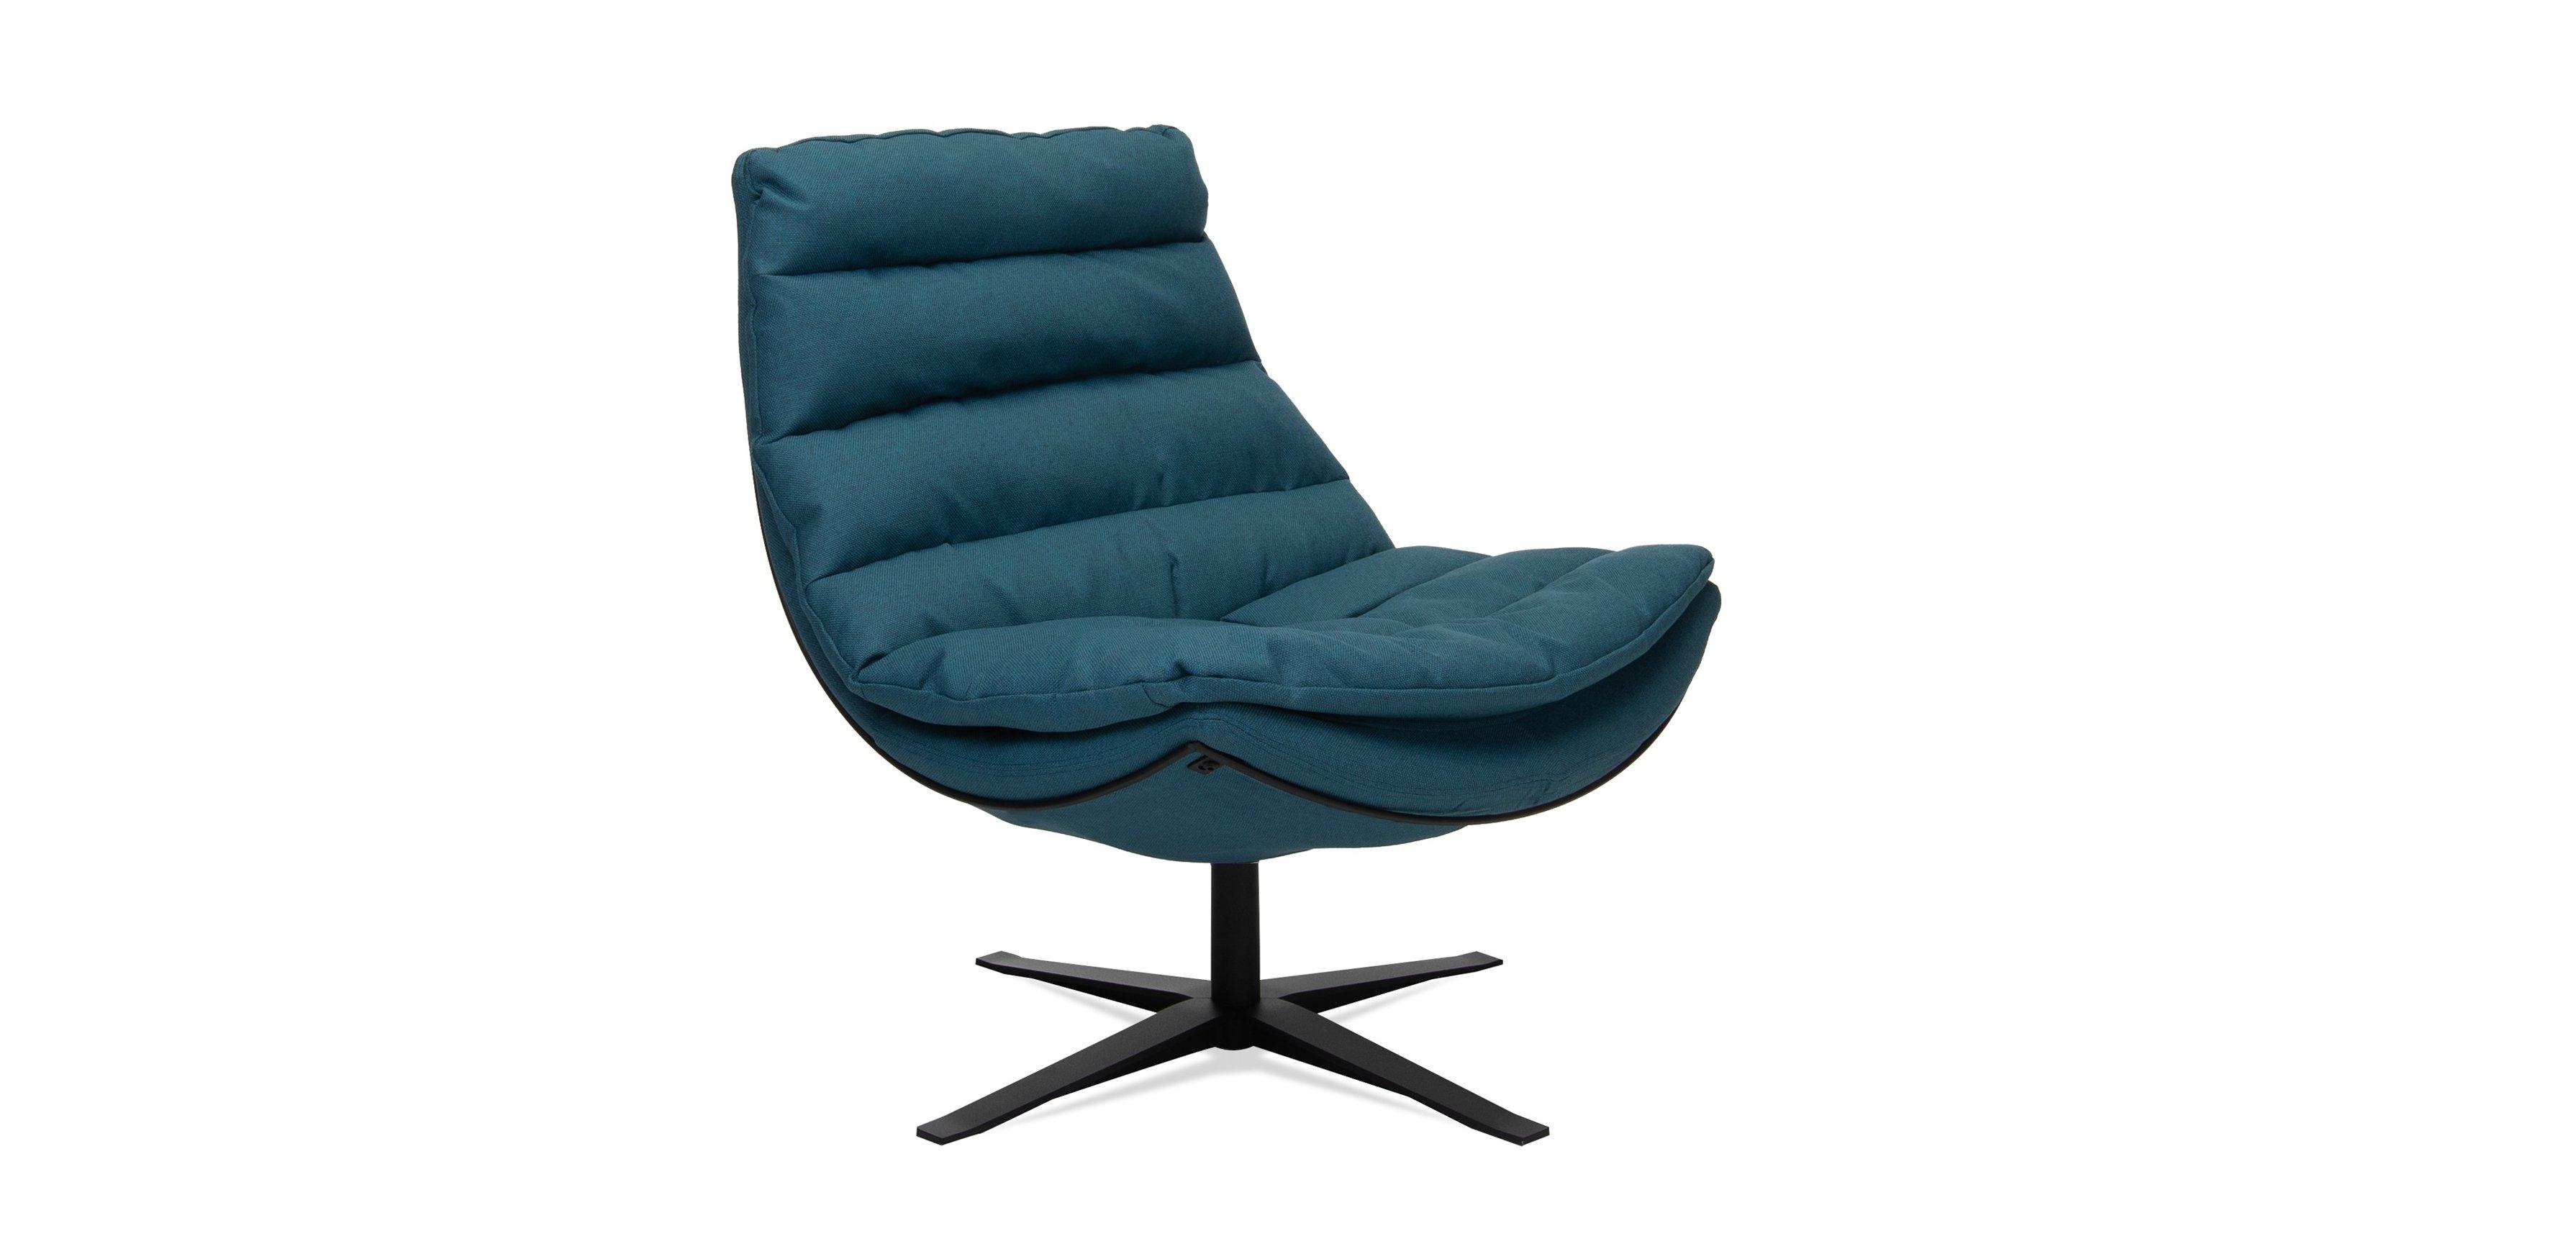 Kameraad hoog fauteuil DYYK 3